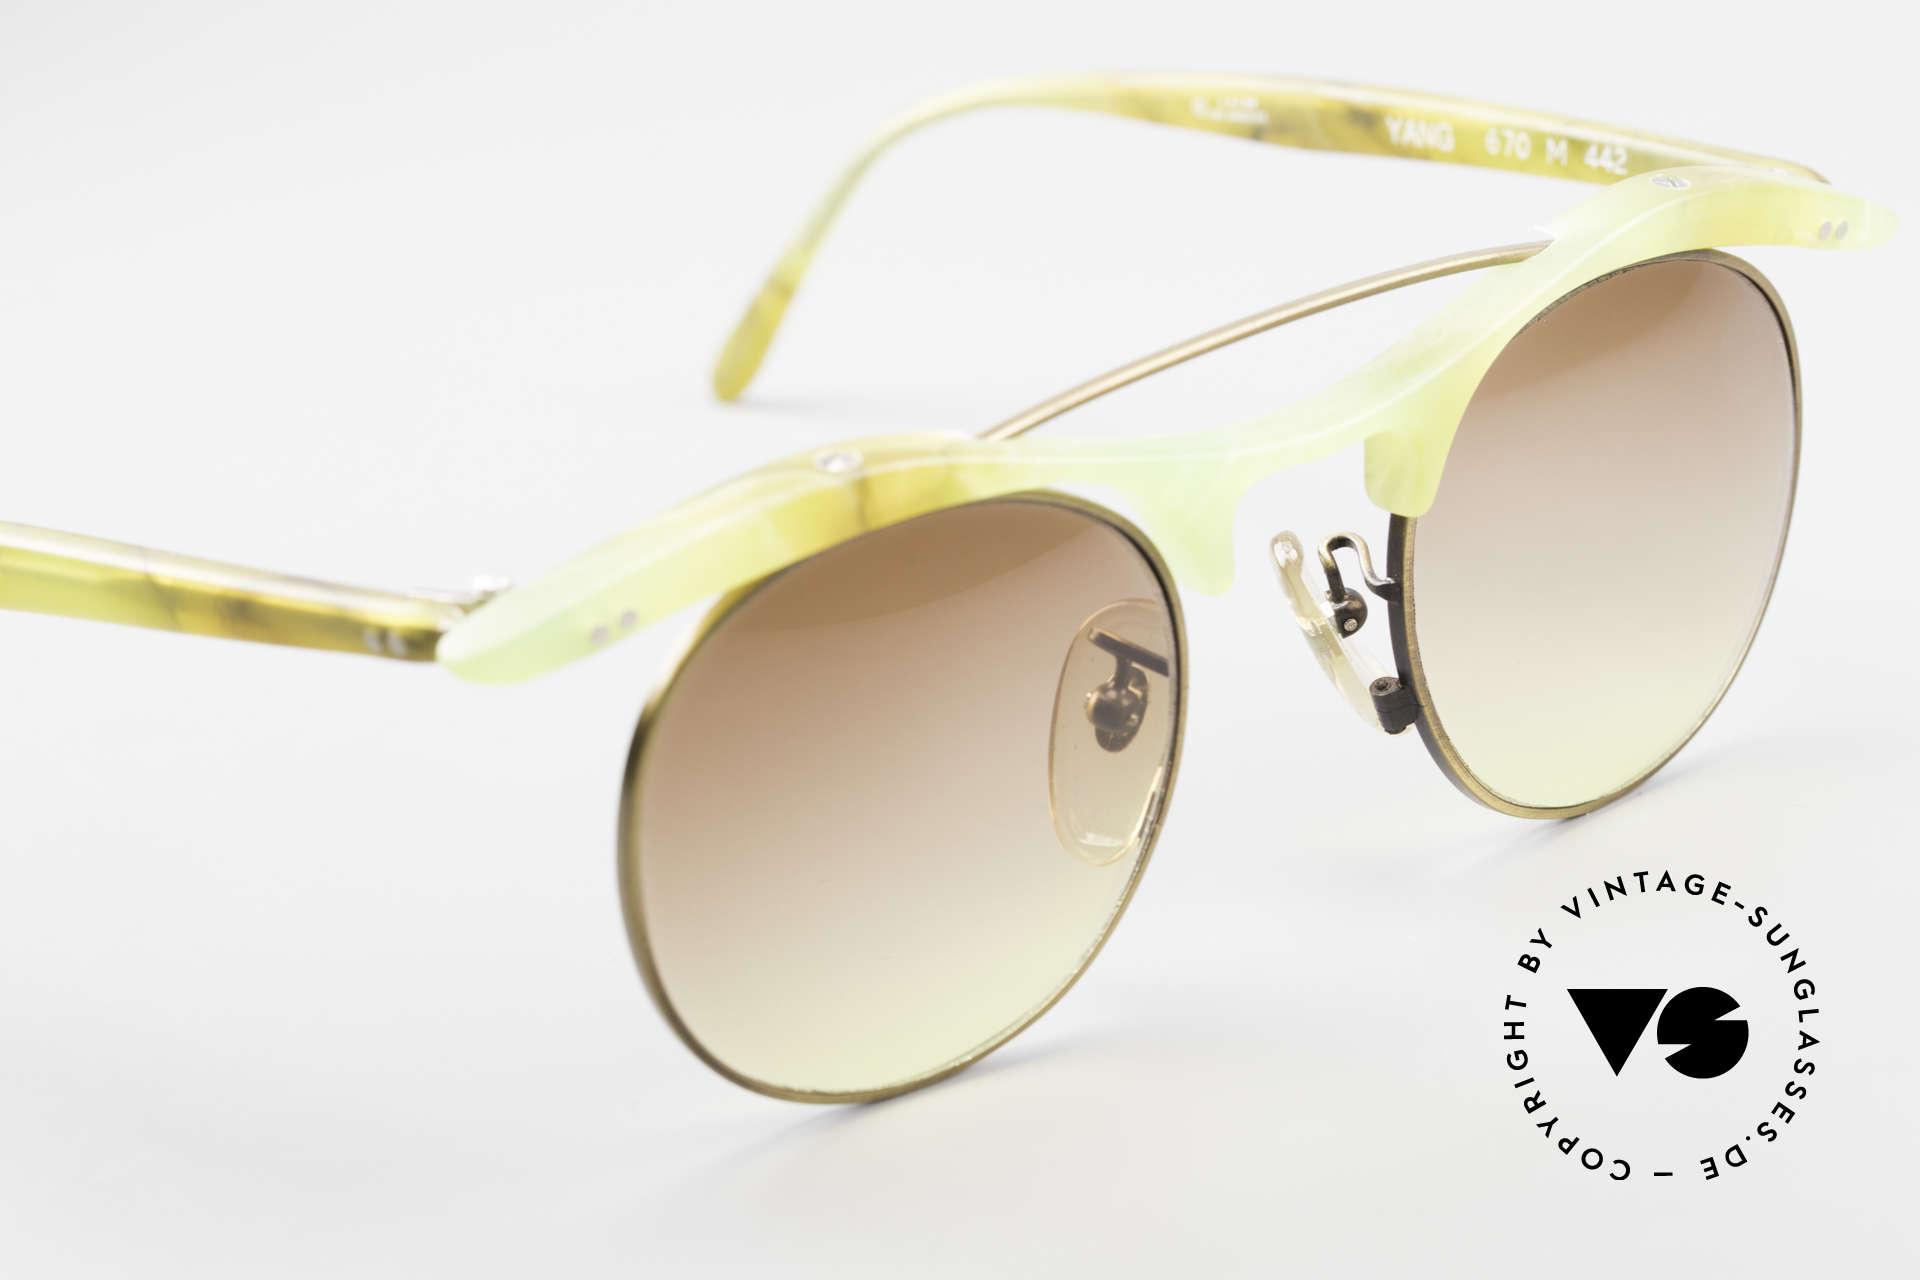 L.A. Eyeworks YANG 670 Vintage Sonnenbrille No Retro, Farbe erscheint auf Foto gelblich, ist aber GRÜNLICH!, Passend für Herren und Damen